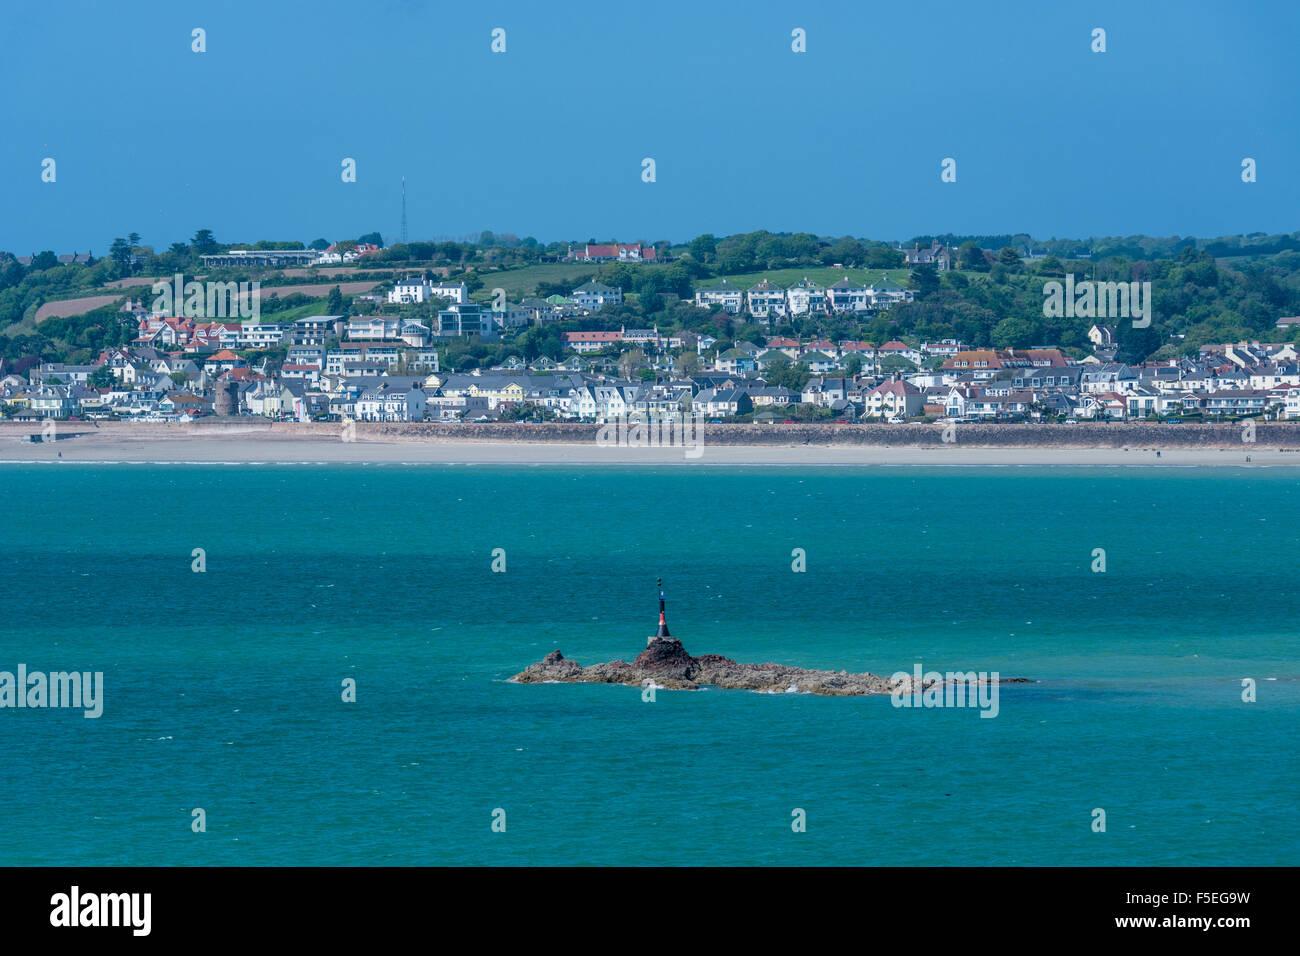 Saint Helier, Jersey, Channel Islands - Stock Image